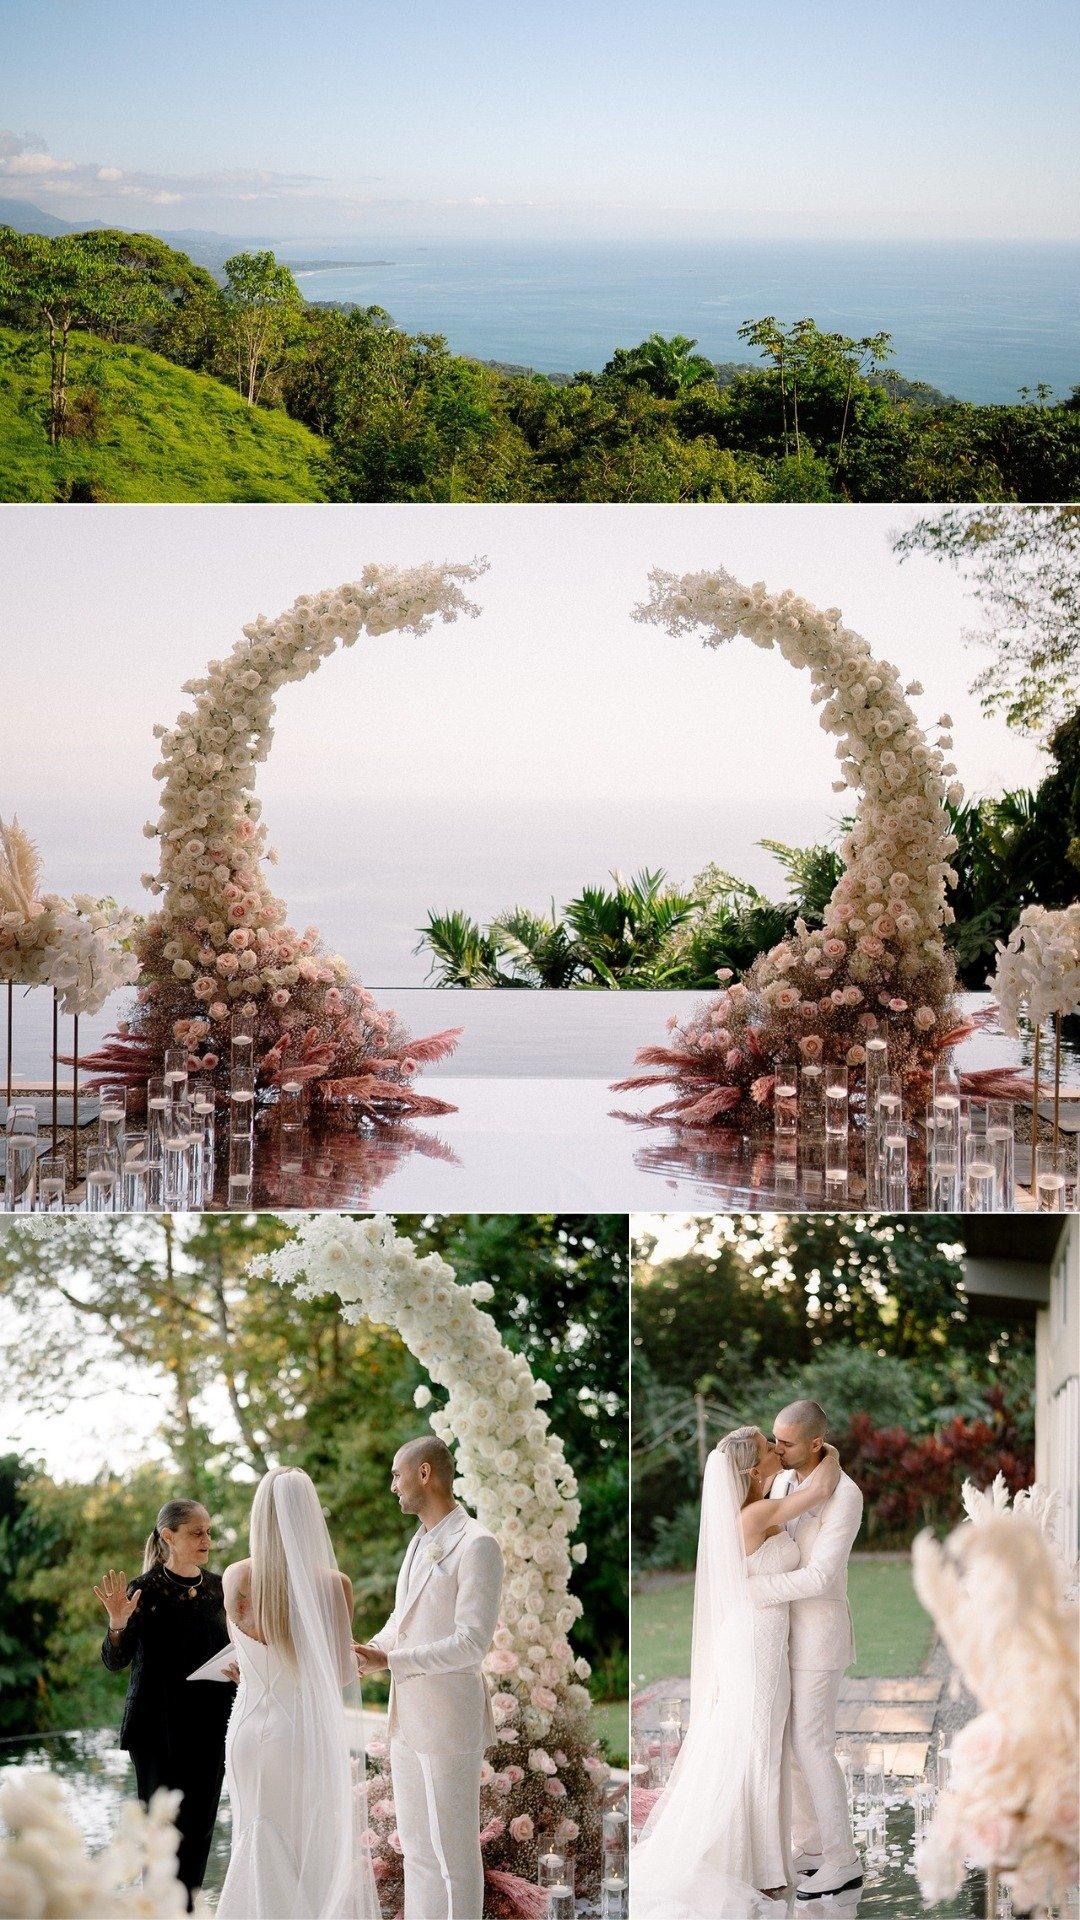 villa ceremony overlooking the ocean